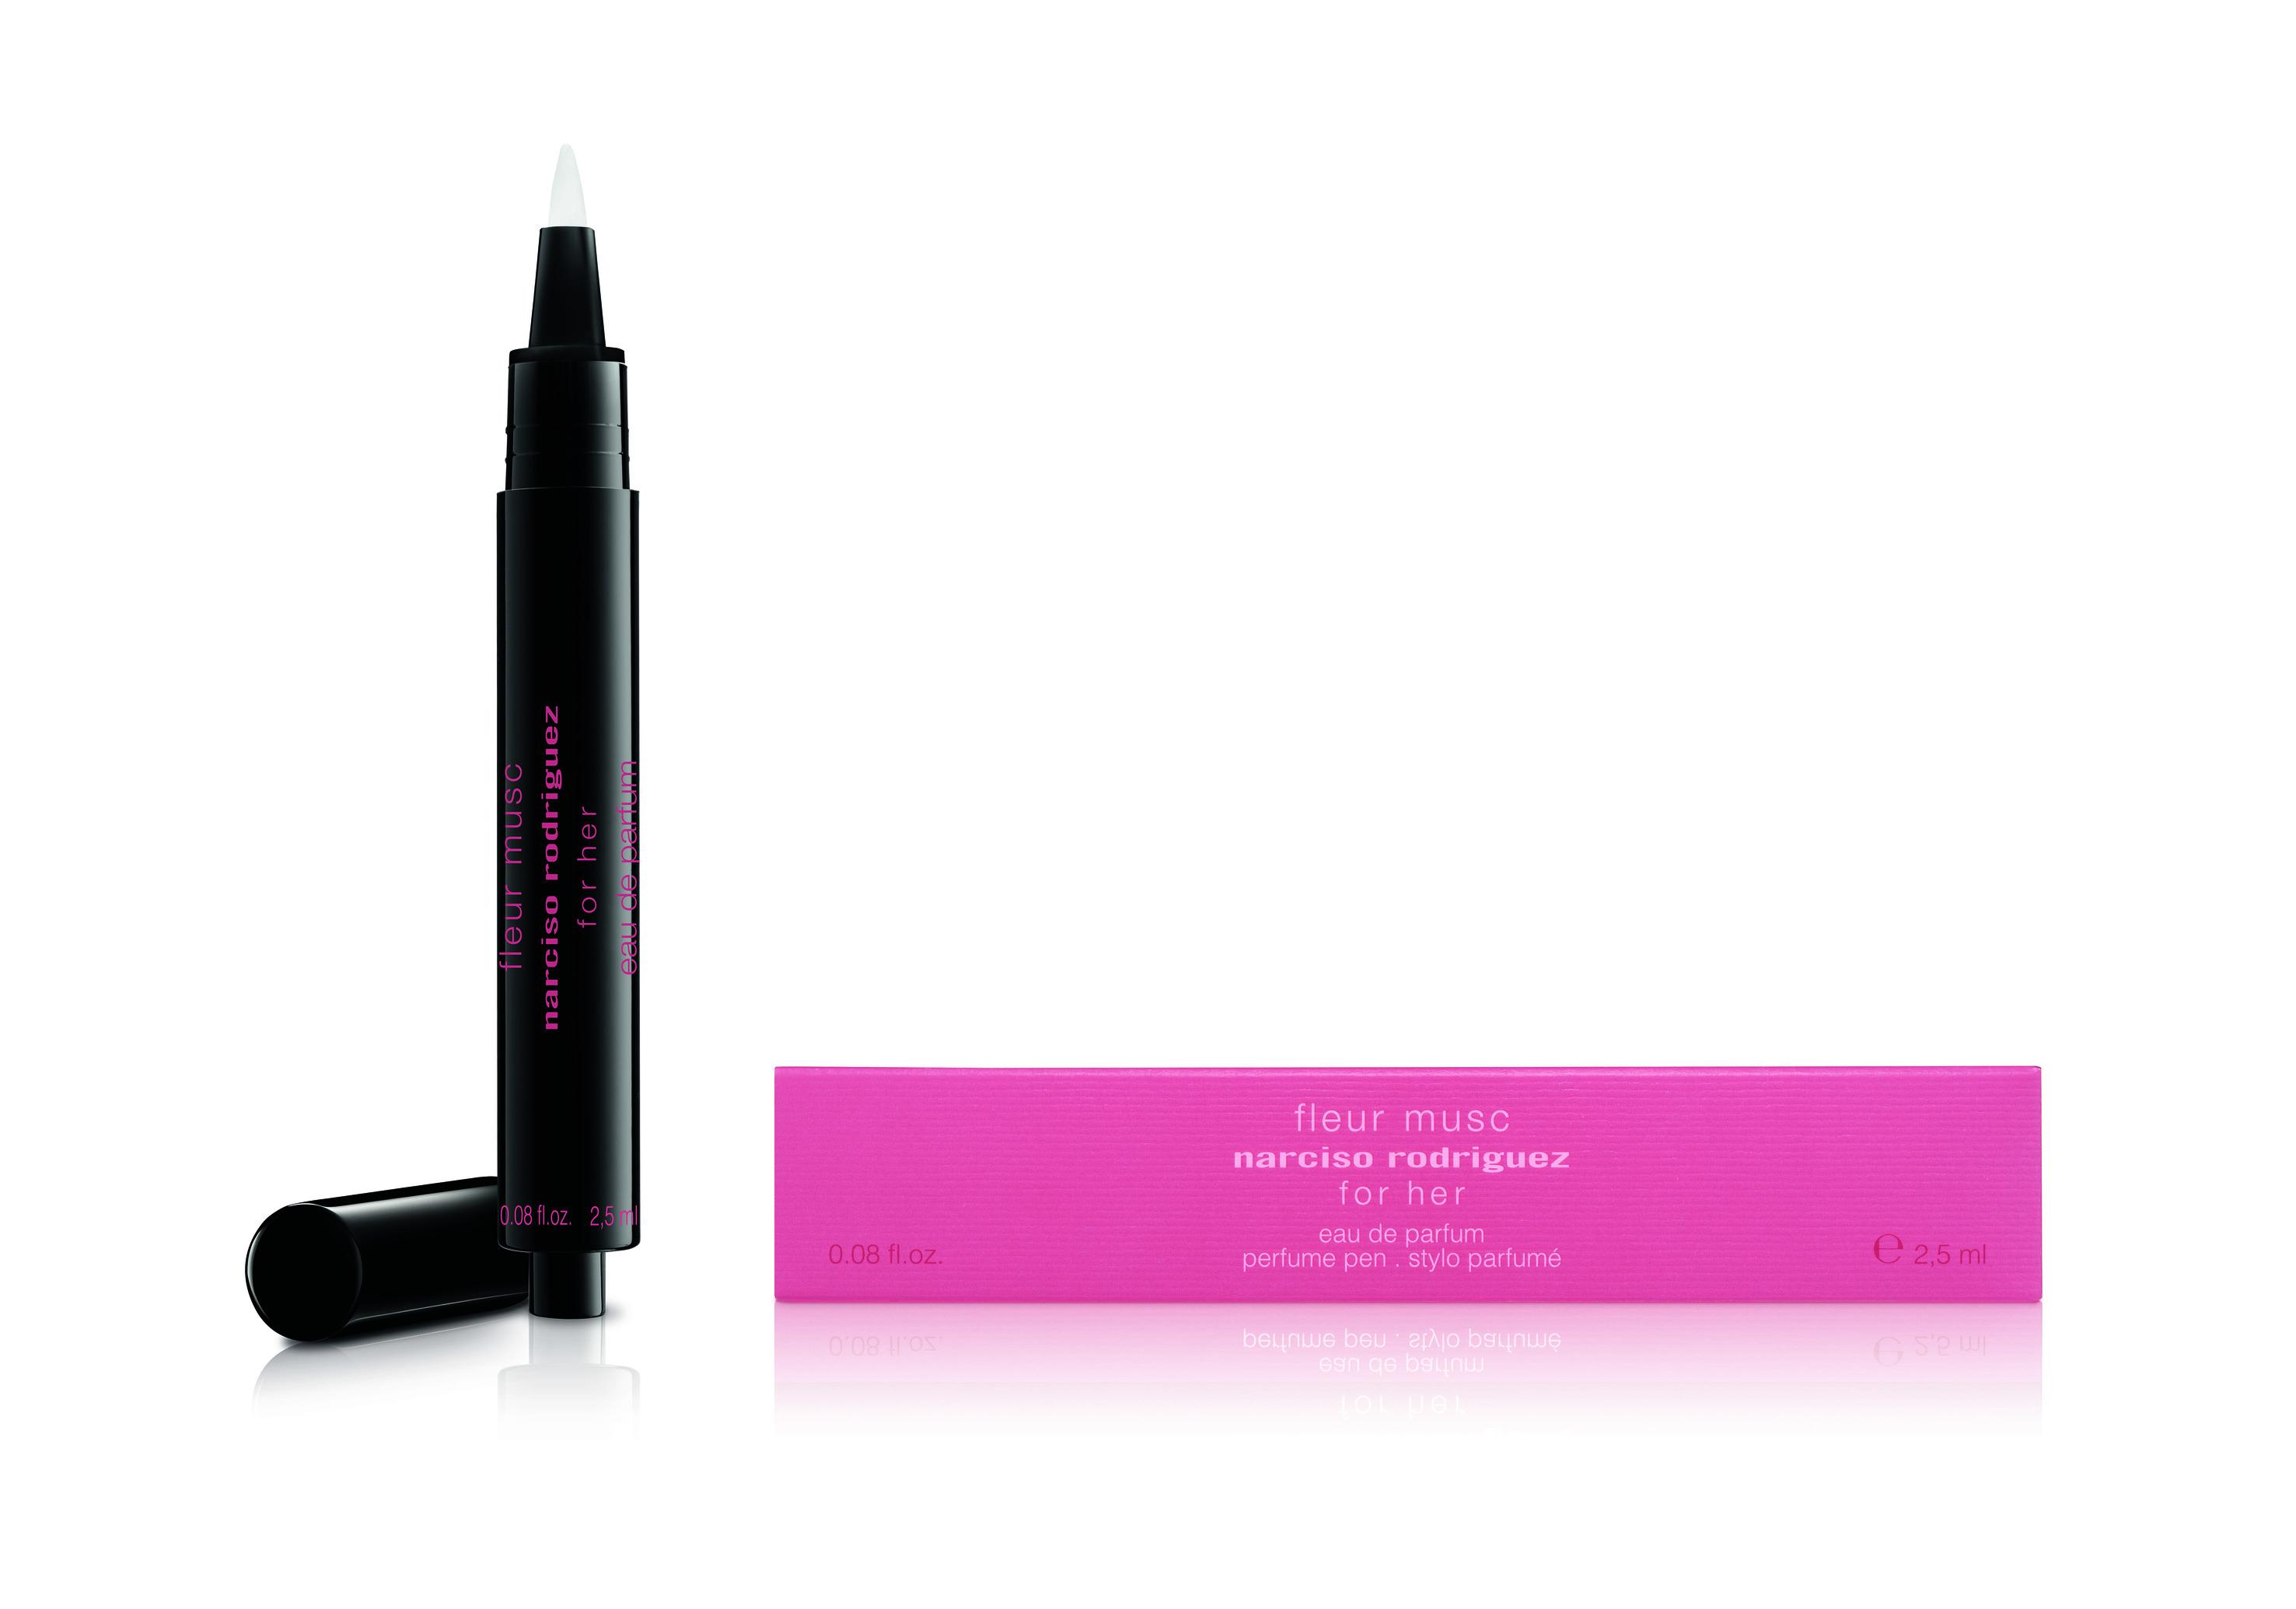 Perfume Pen Eau de Parfum For Her Fleur Musc 2,5 ml Narciso Rodriguez